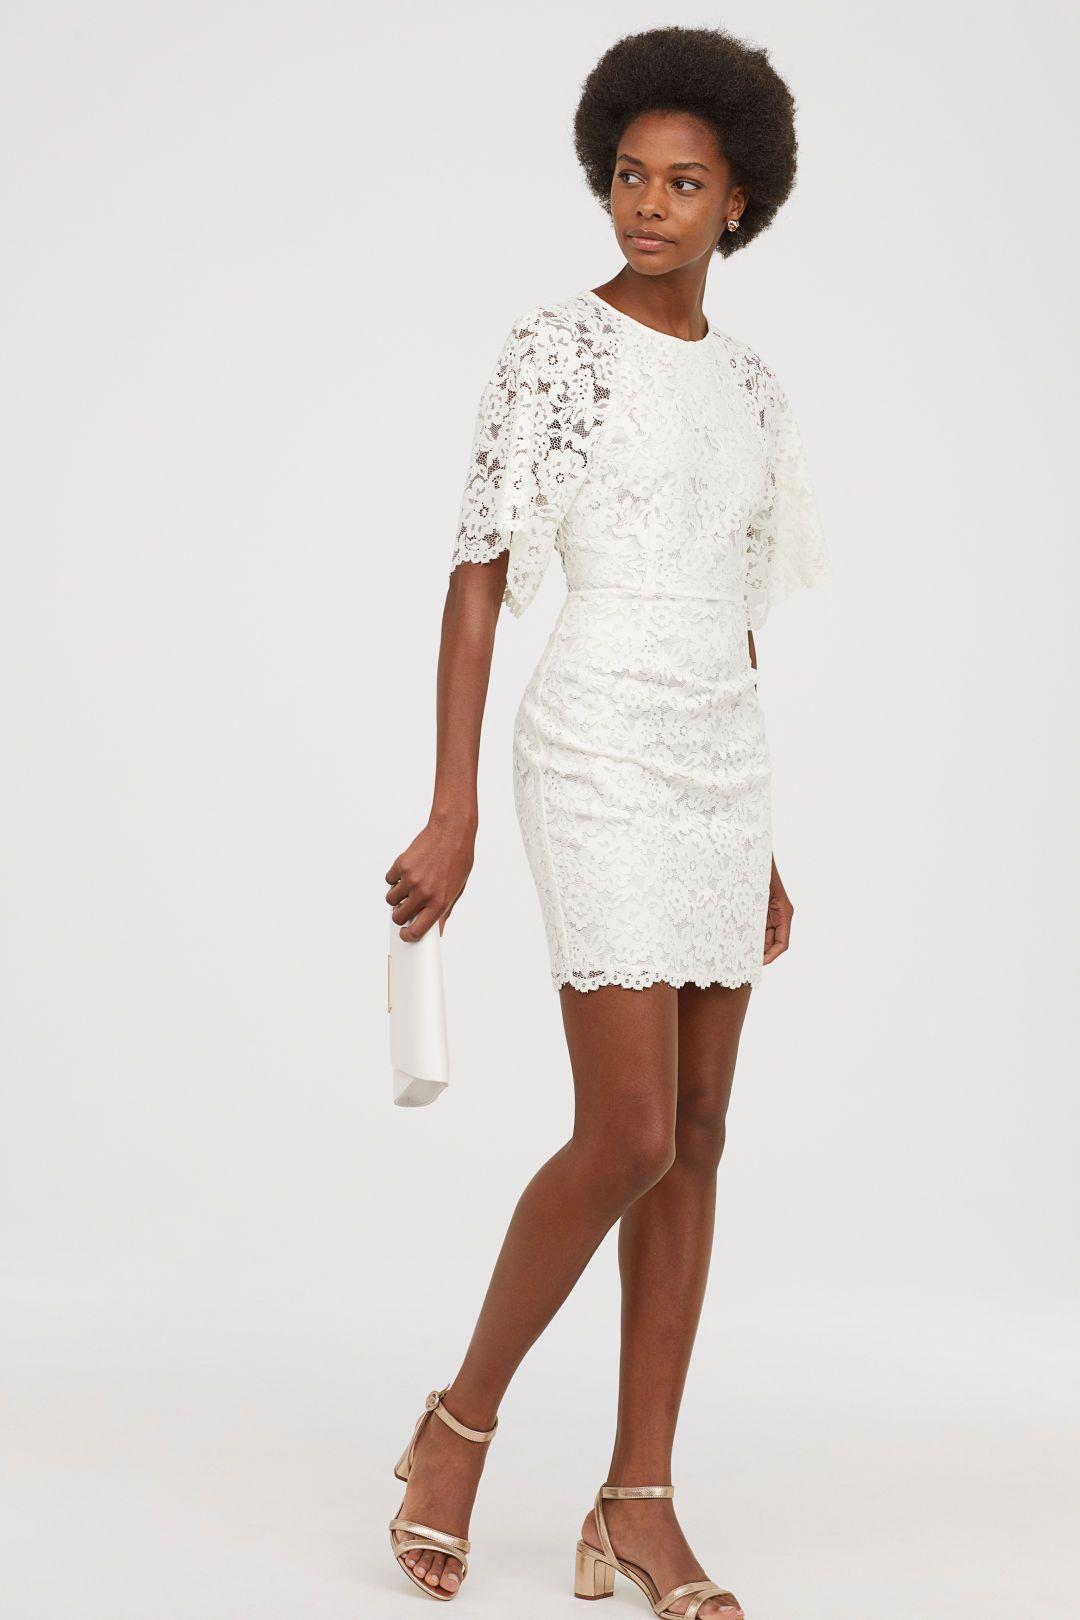 H M Short Lace Dress White Lace Short Wedding Dress Elopement Reception Bridal Shower Enga Short Lace Wedding Dress Short Lace Dress White Bridesmaid Dresses